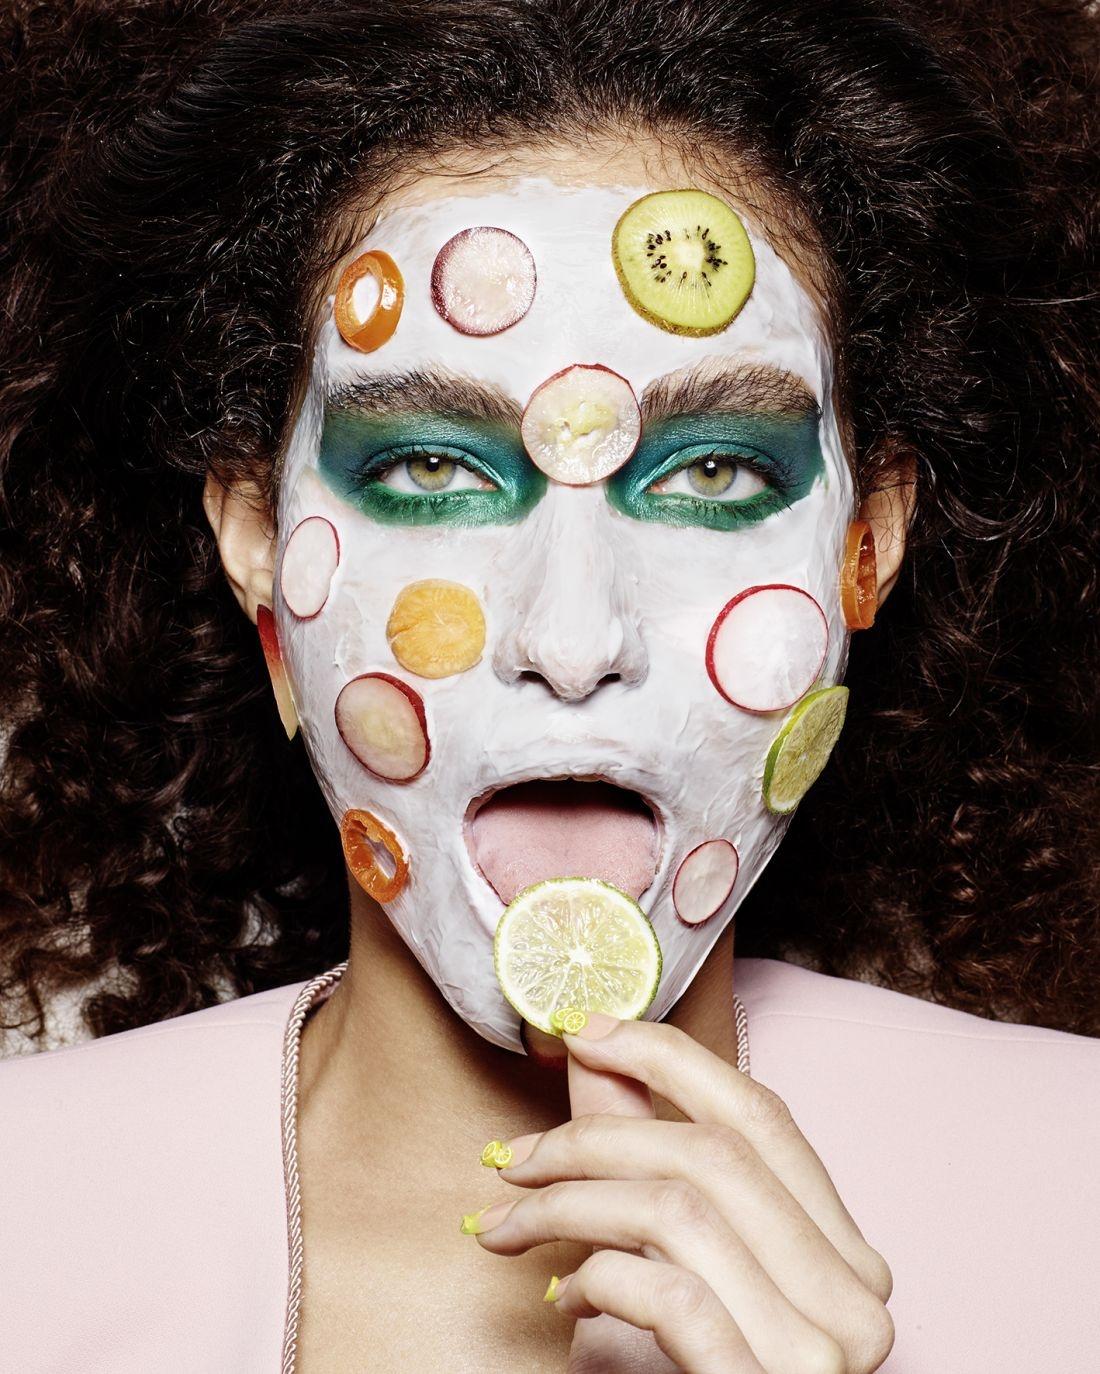 时尚摄影,模特拍摄,微距摄影,摄影摄像,服装模特拍摄